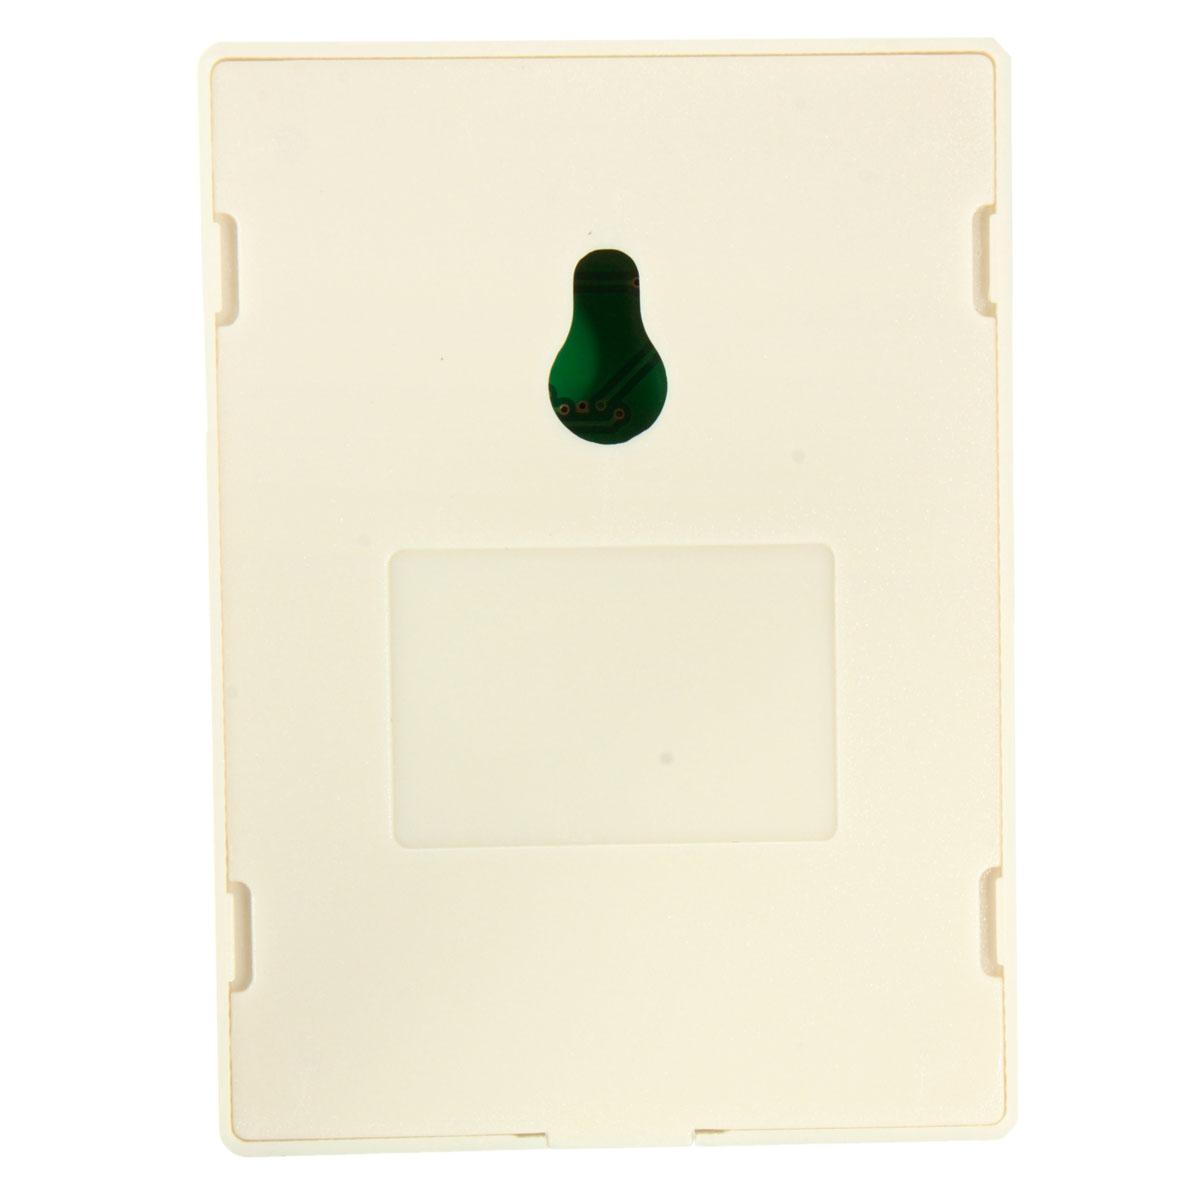 433mhz universelle porte de garage sans fil ouvre porte t l commande avec metteur vente - Emetteur recepteur porte de garage ...